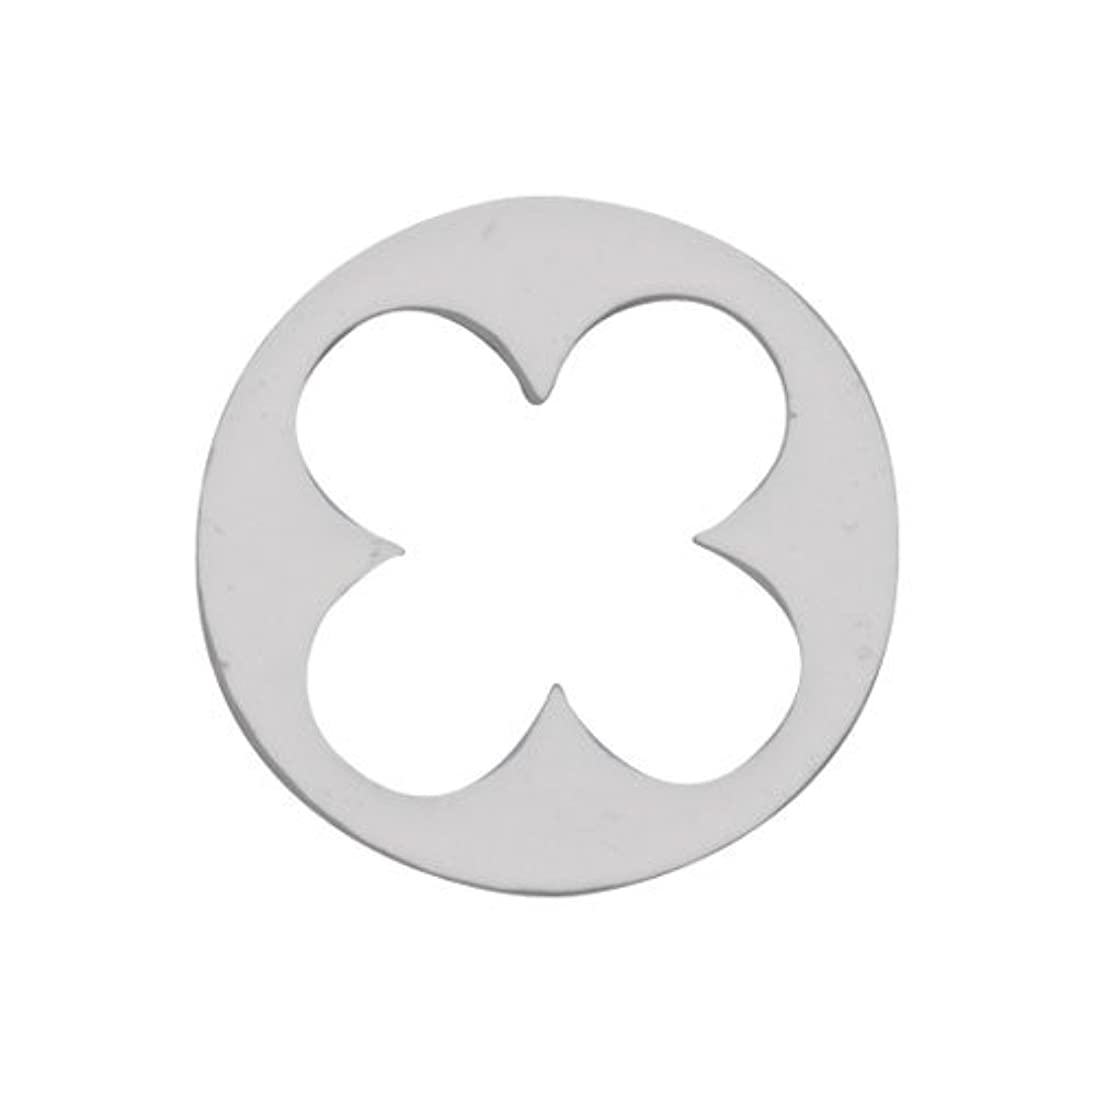 入植者シート過去リトルプリティー ネイルアートパーツ 丸花スカシ シルバー 10個